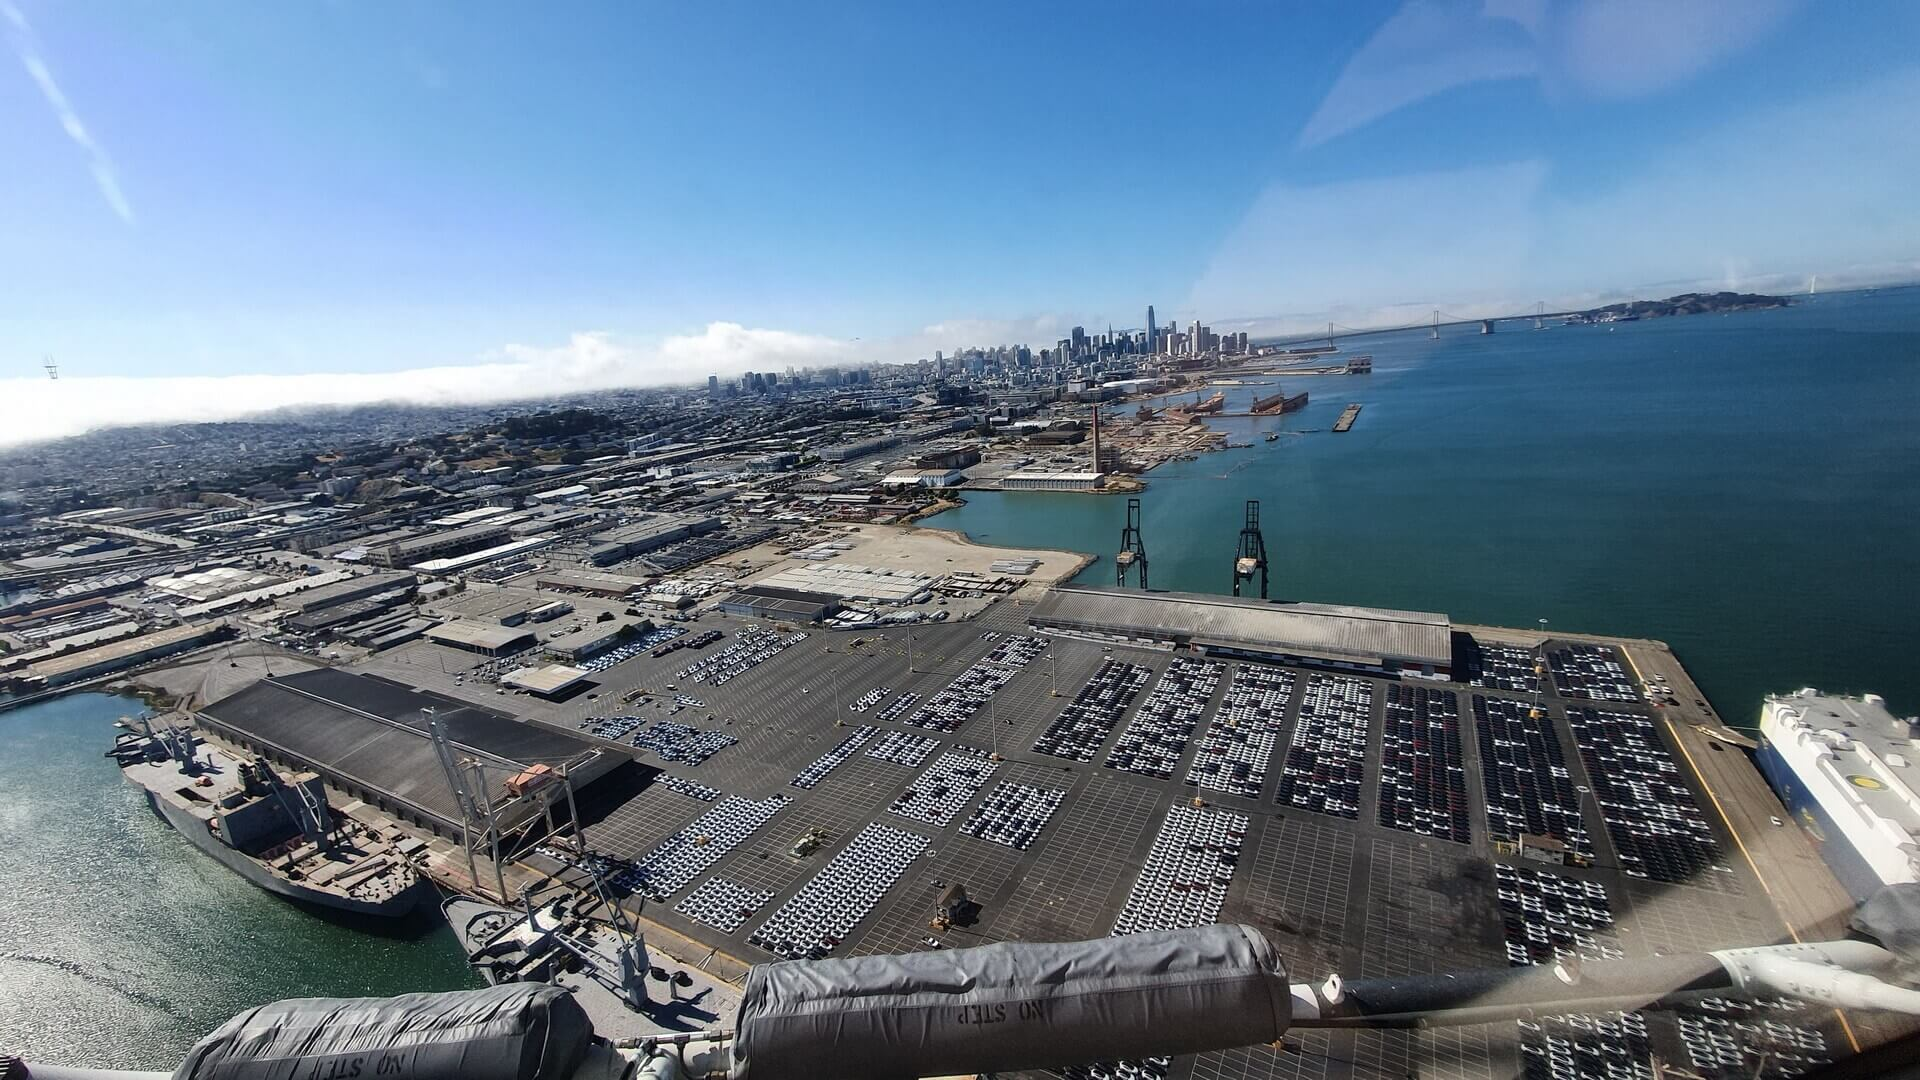 Партия из Tesla Model 3 RHD ожидает погрузки на корабль в порту Сан-Франциско